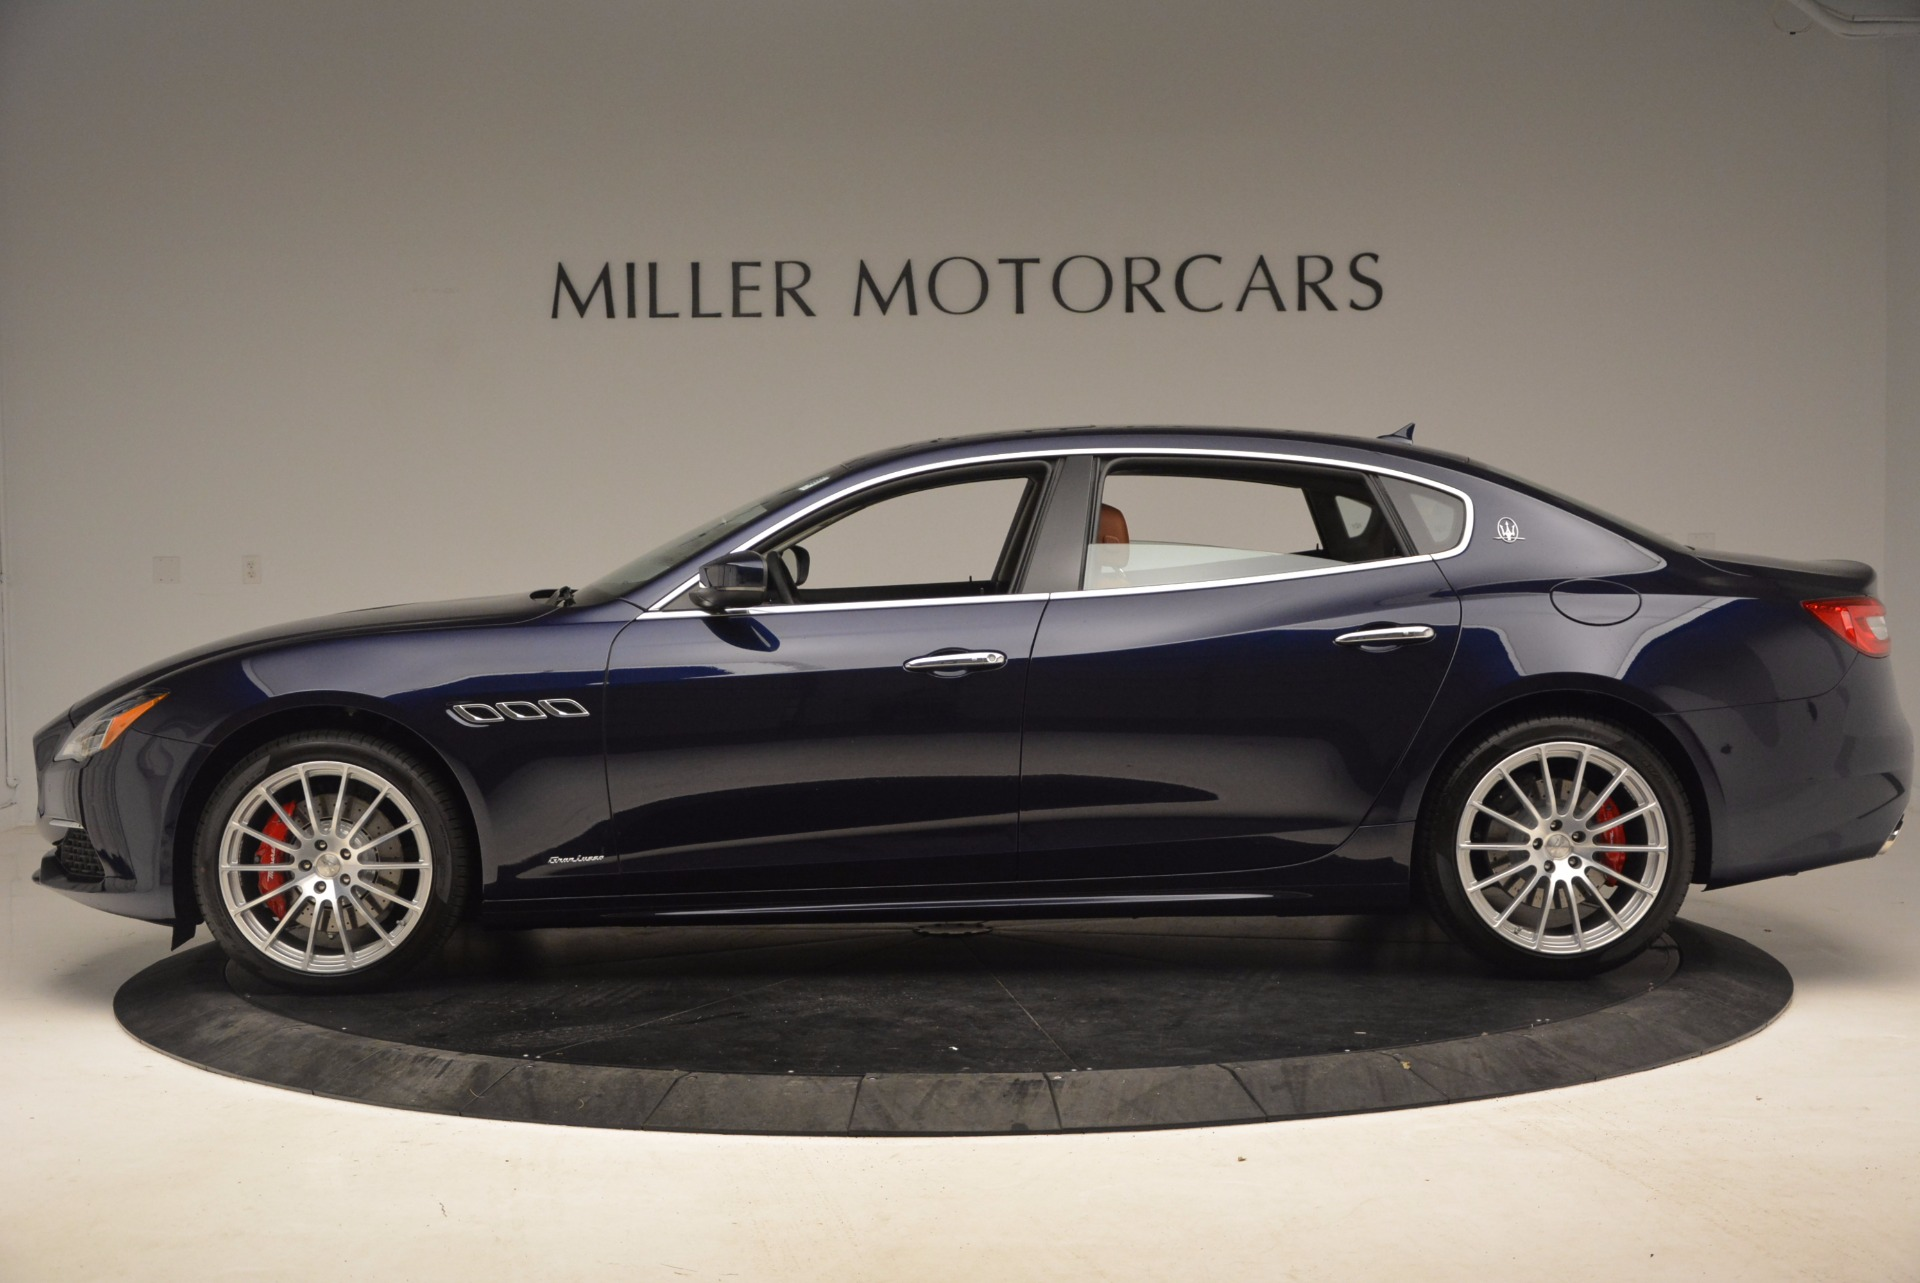 New 2018 Maserati Quattroporte S Q4 GranLusso For Sale In Greenwich, CT 1614_p3